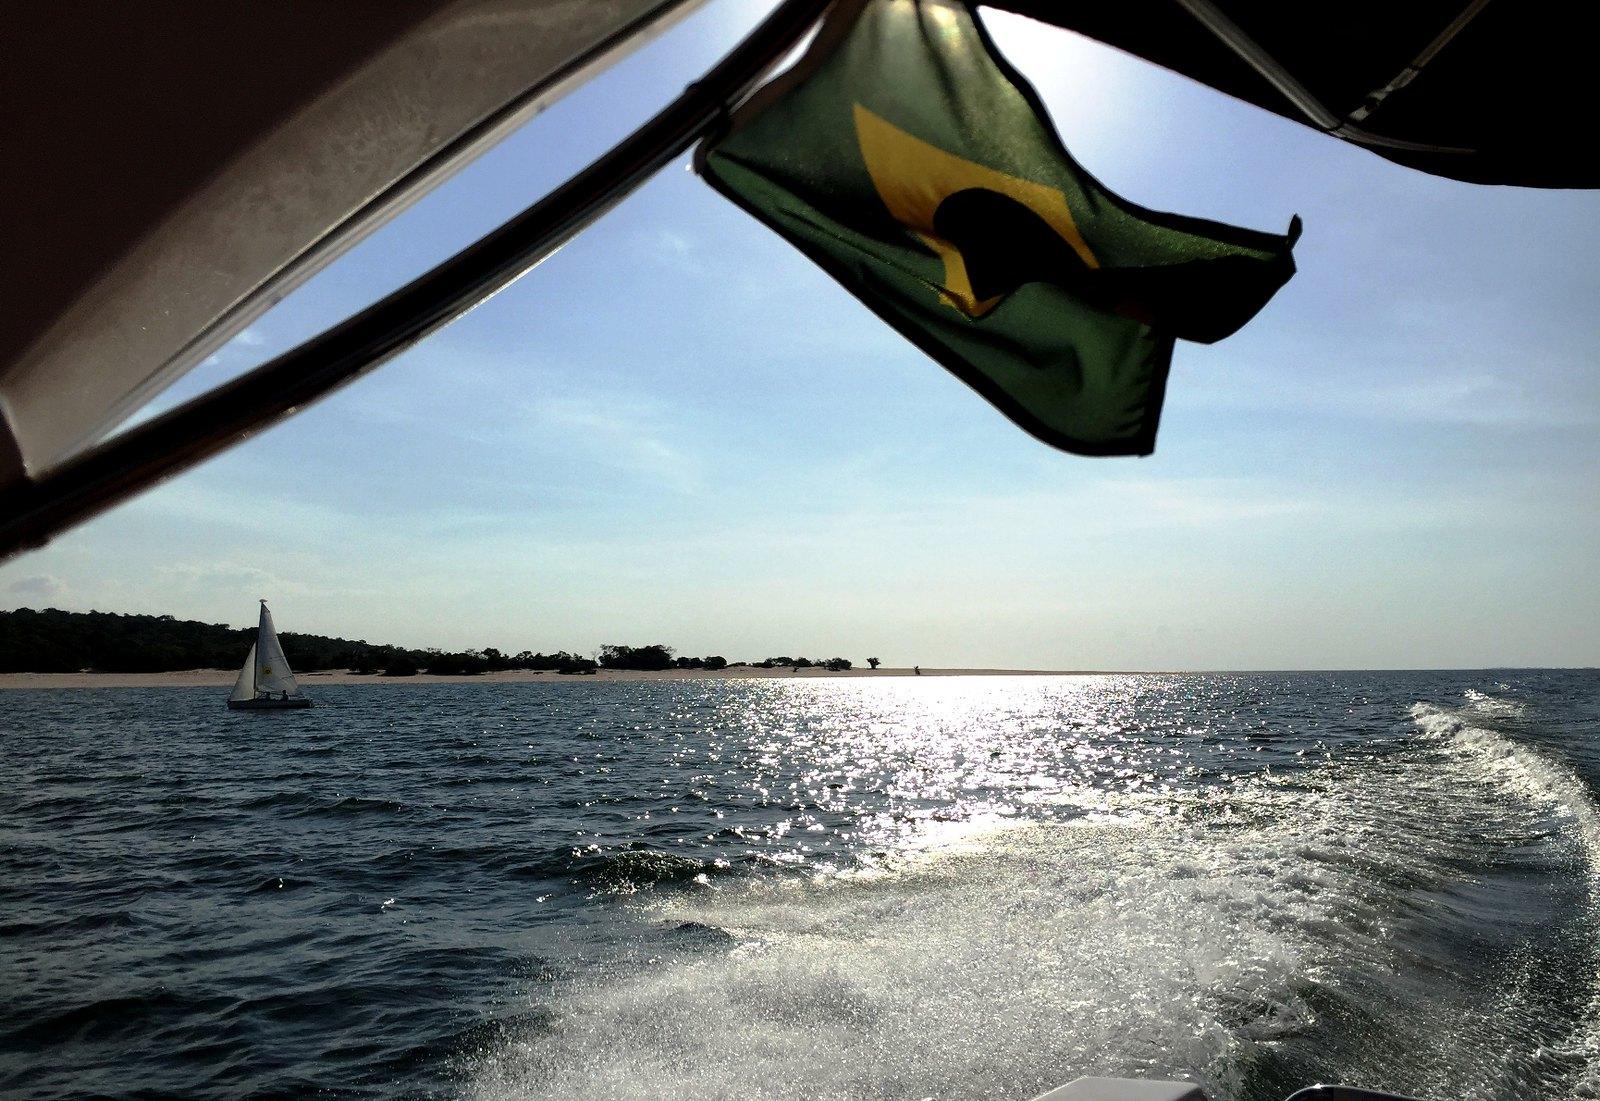 Qualidade da água de 11 praias em Santarém será avaliada a partir de 4ª, Olhar do editor. Pátria das praias, Santarém